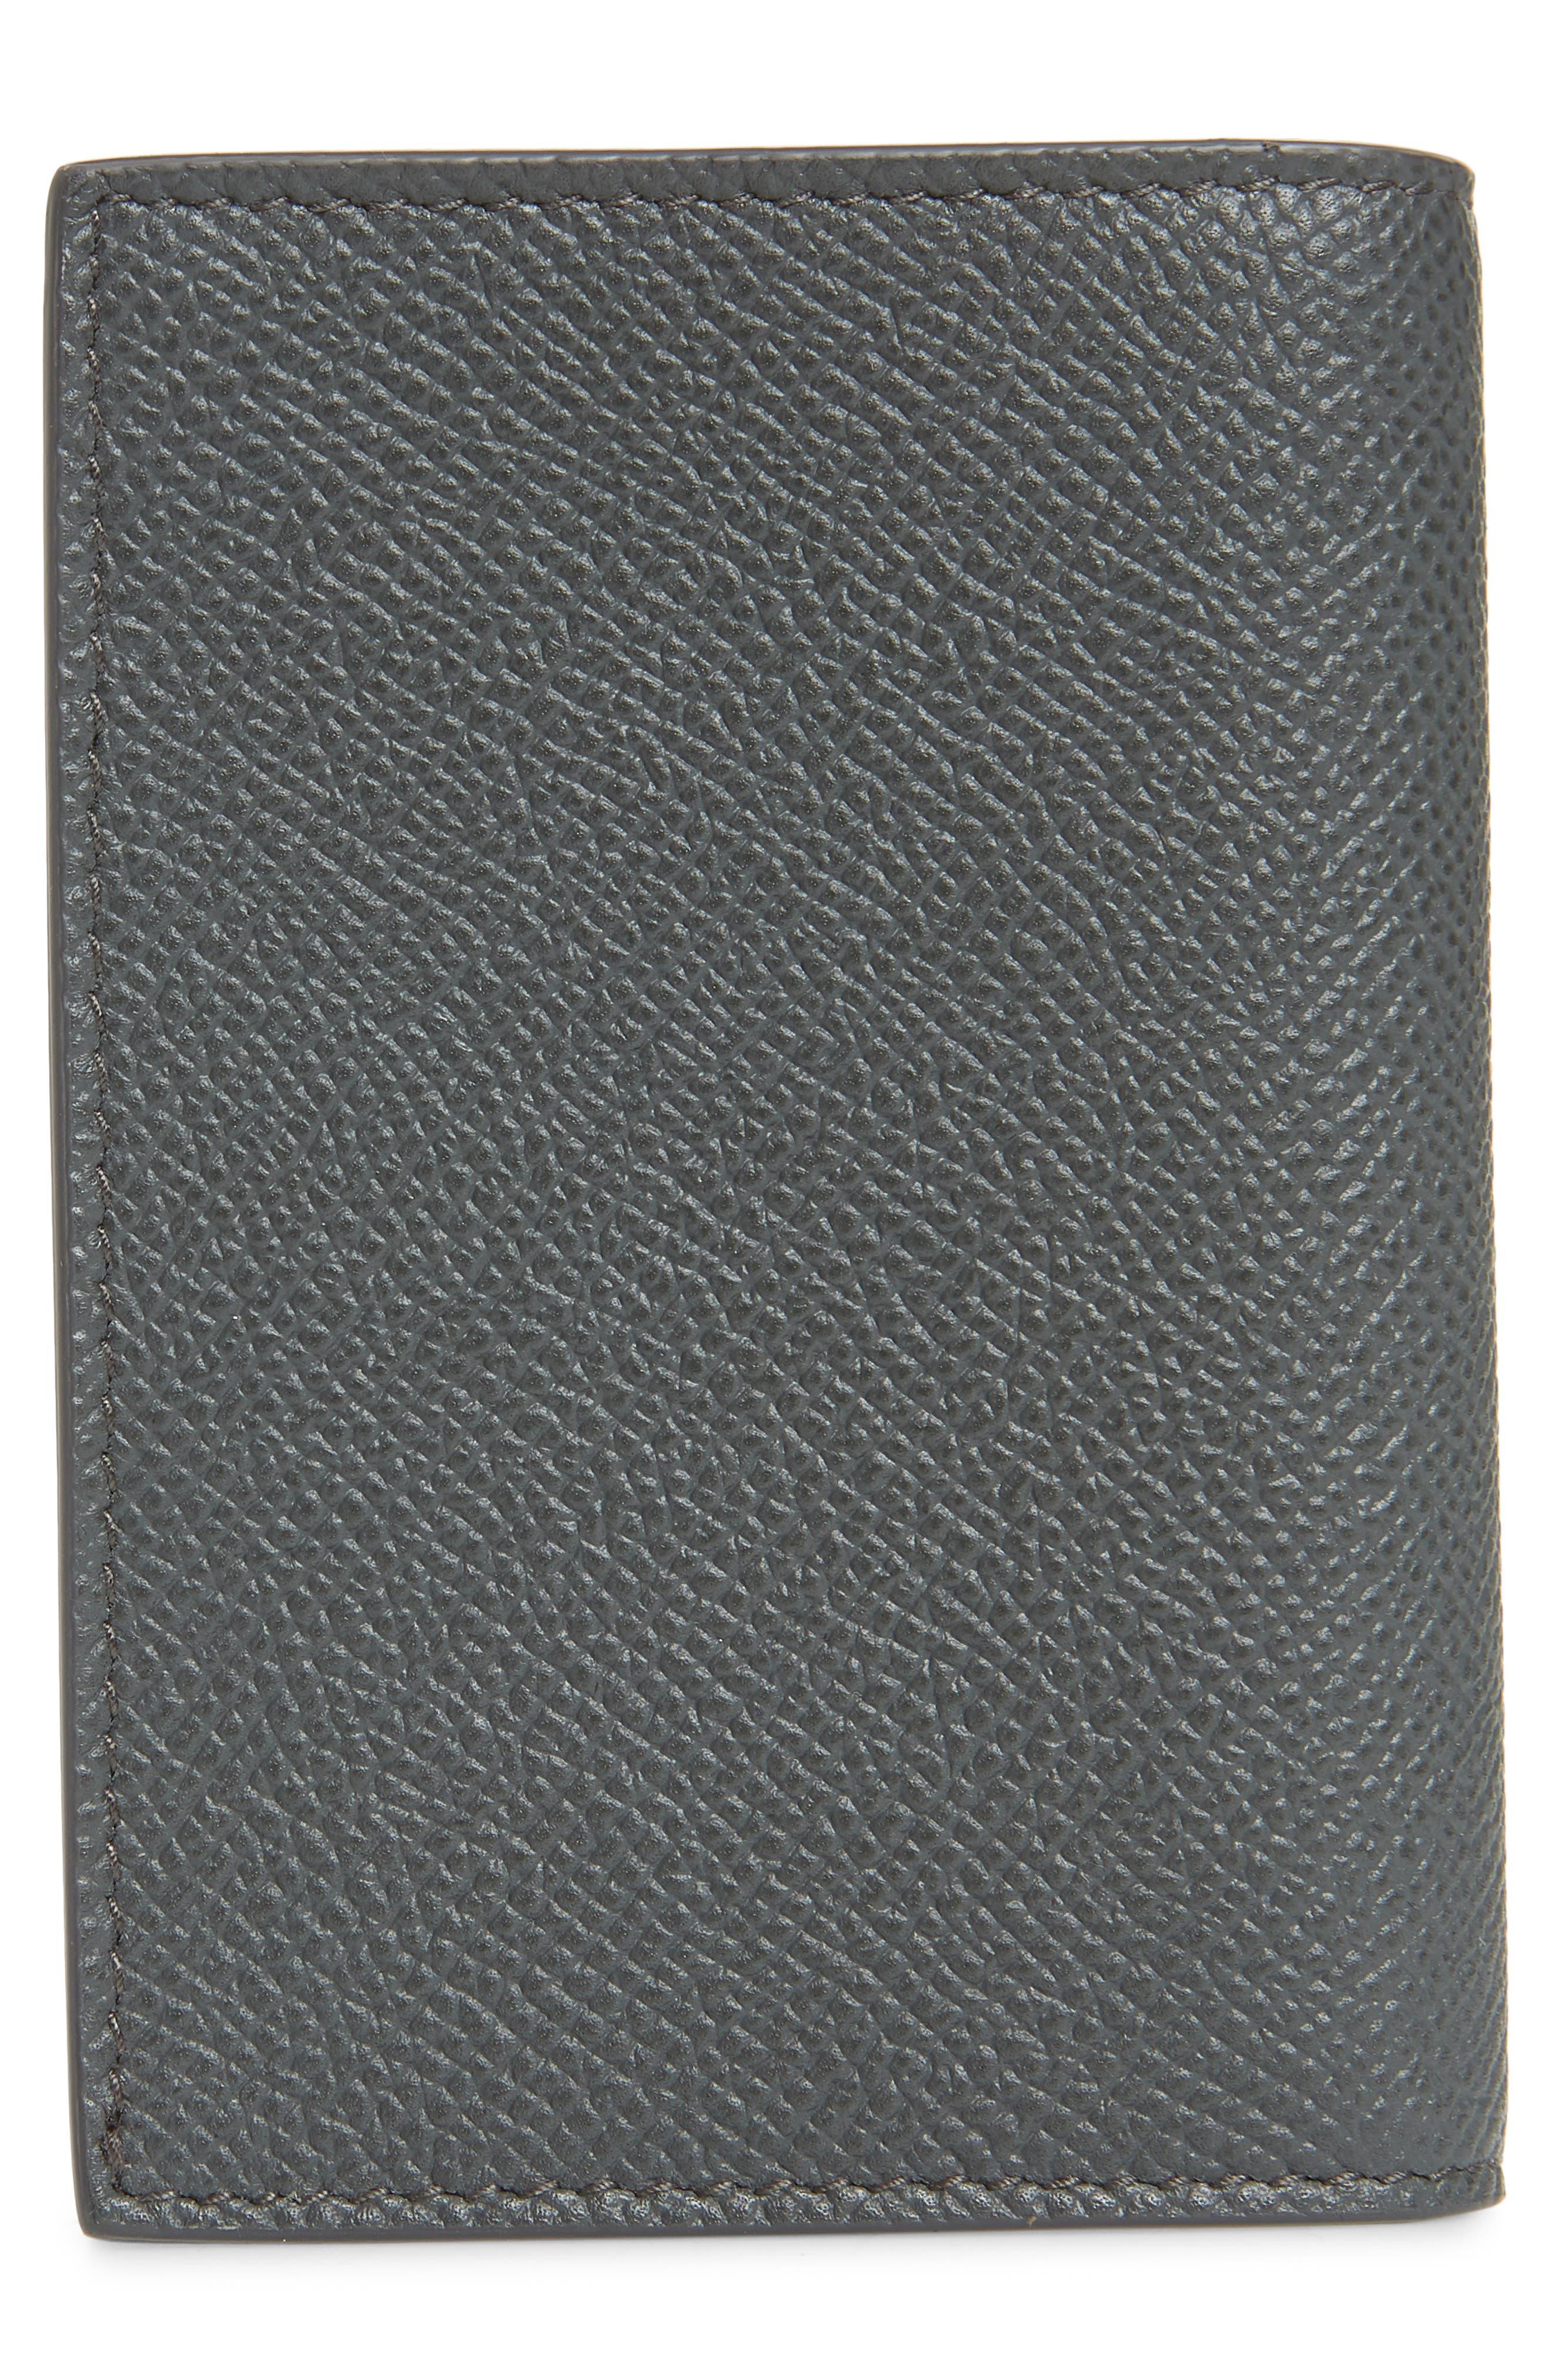 Cadogan Card Case,                             Alternate thumbnail 3, color,                             GREY